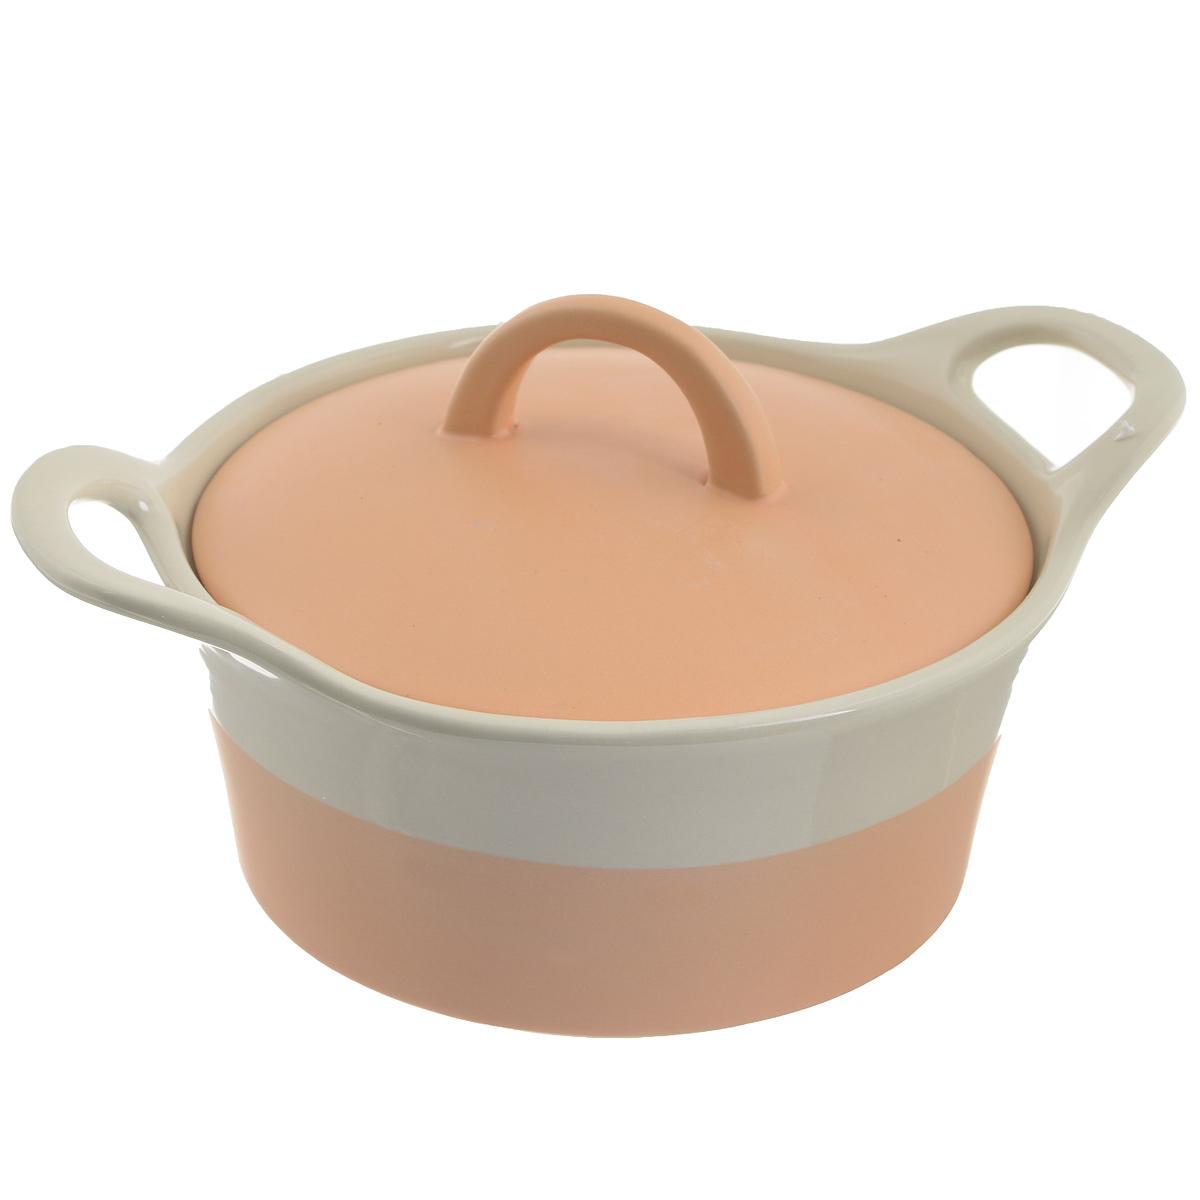 Кастрюля Mayer & Boch с крышкой, цвет: персиковый, бежевый, 680 мл. 2179721797Кастрюля Mayer & Boch изготовленная из жаропрочной керамики, подходит для любого вида пищи. Элегантный дизайн идеально подходит для современного дома. В комплект входит крышка из керамики.Изделия из керамики идеально подходят как для приготовления пищи, так и для подачи на стол. Материал не содержит свинца и кадмия. С такой кастрюлей вы всегда сможете порадовать своих близких оригинальным блюдом.Кастрюлю можно использовать на газовой, электрической плите и в микроволновой печи. Можно мыть в посудомоечной машине.Ширина кастрюли (с учетом ручек): 23,5 см.Высота стенок: 6 см.Толщина стенок: 6-7 мм.